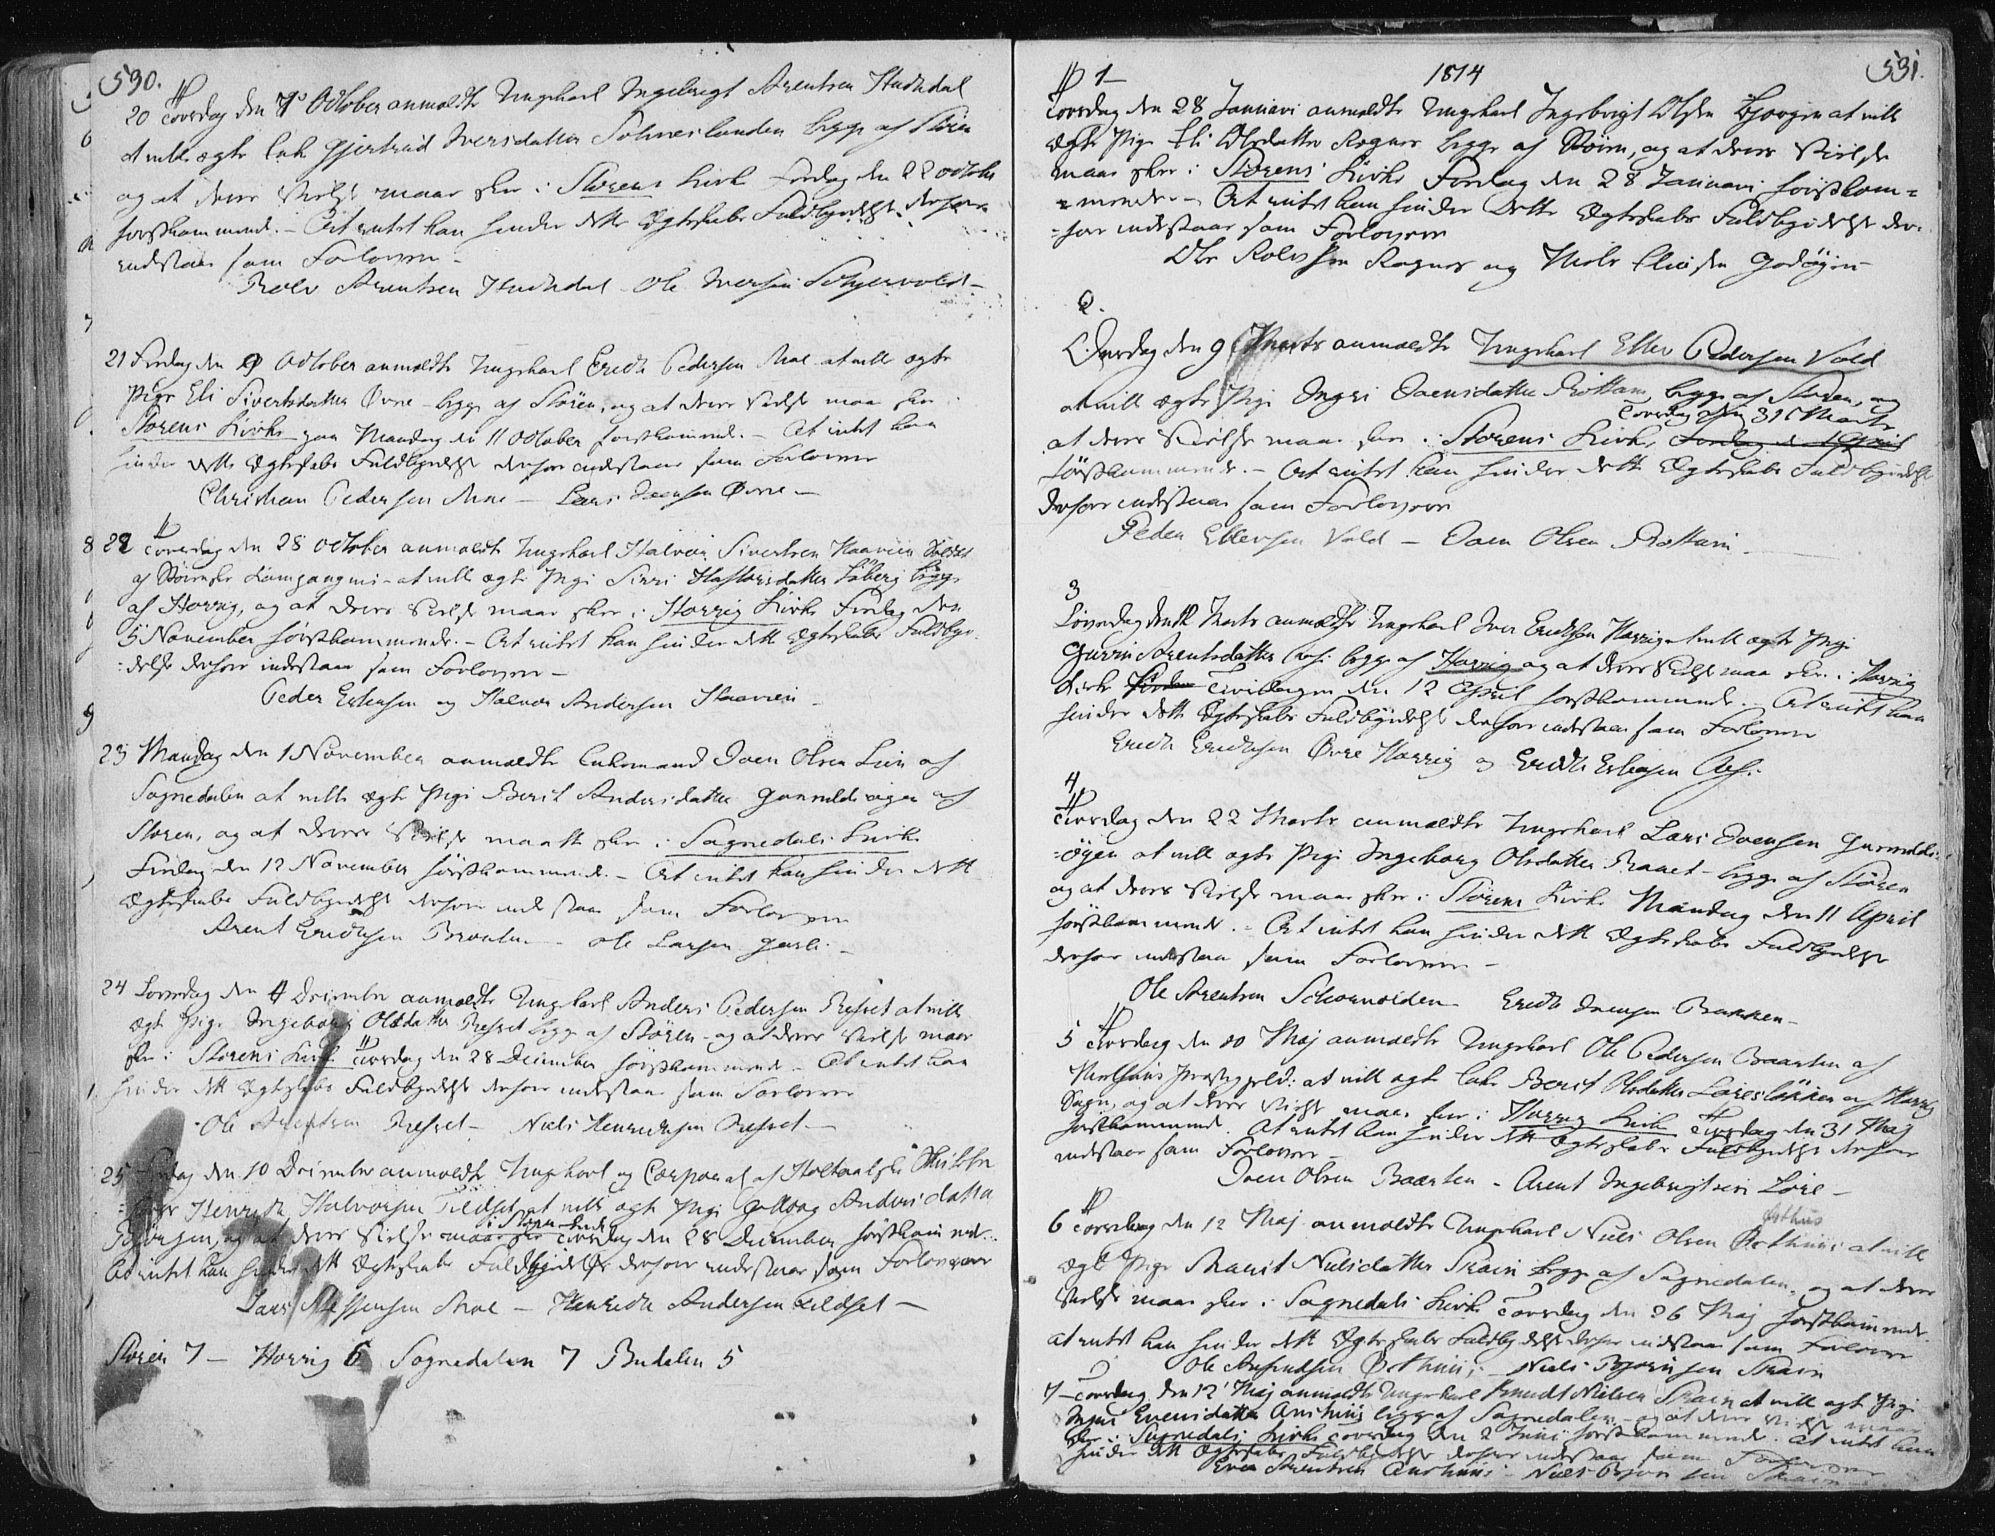 SAT, Ministerialprotokoller, klokkerbøker og fødselsregistre - Sør-Trøndelag, 687/L0992: Ministerialbok nr. 687A03 /1, 1788-1815, s. 530-531